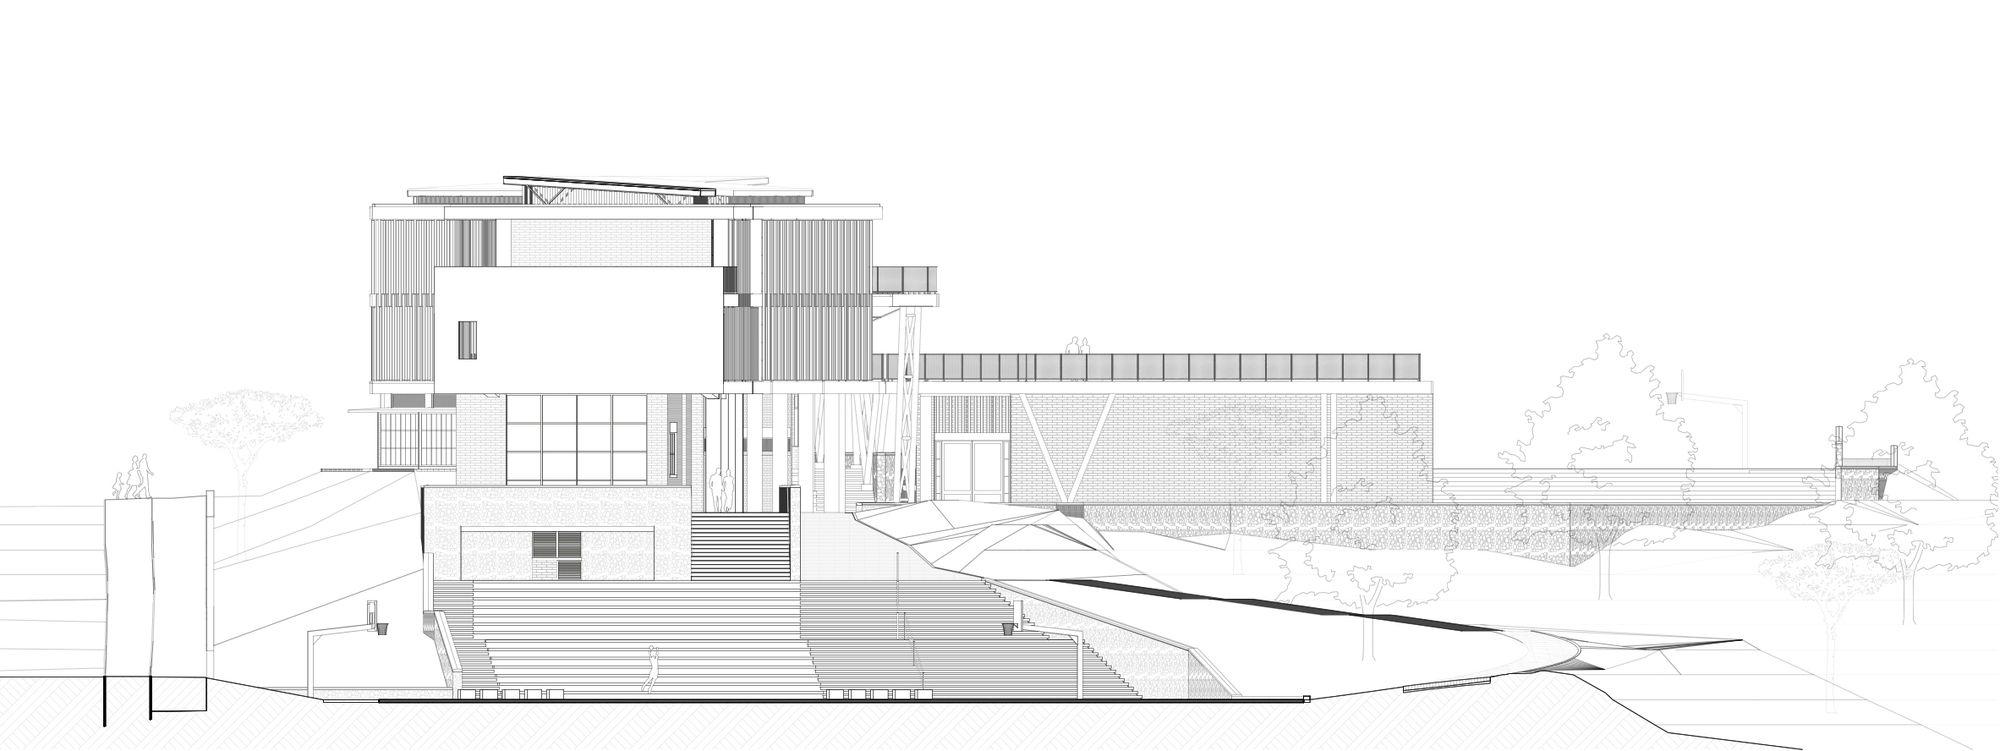 Galeria - Instituição Educacional La Samaria / Campuzano Arquitectos - 641